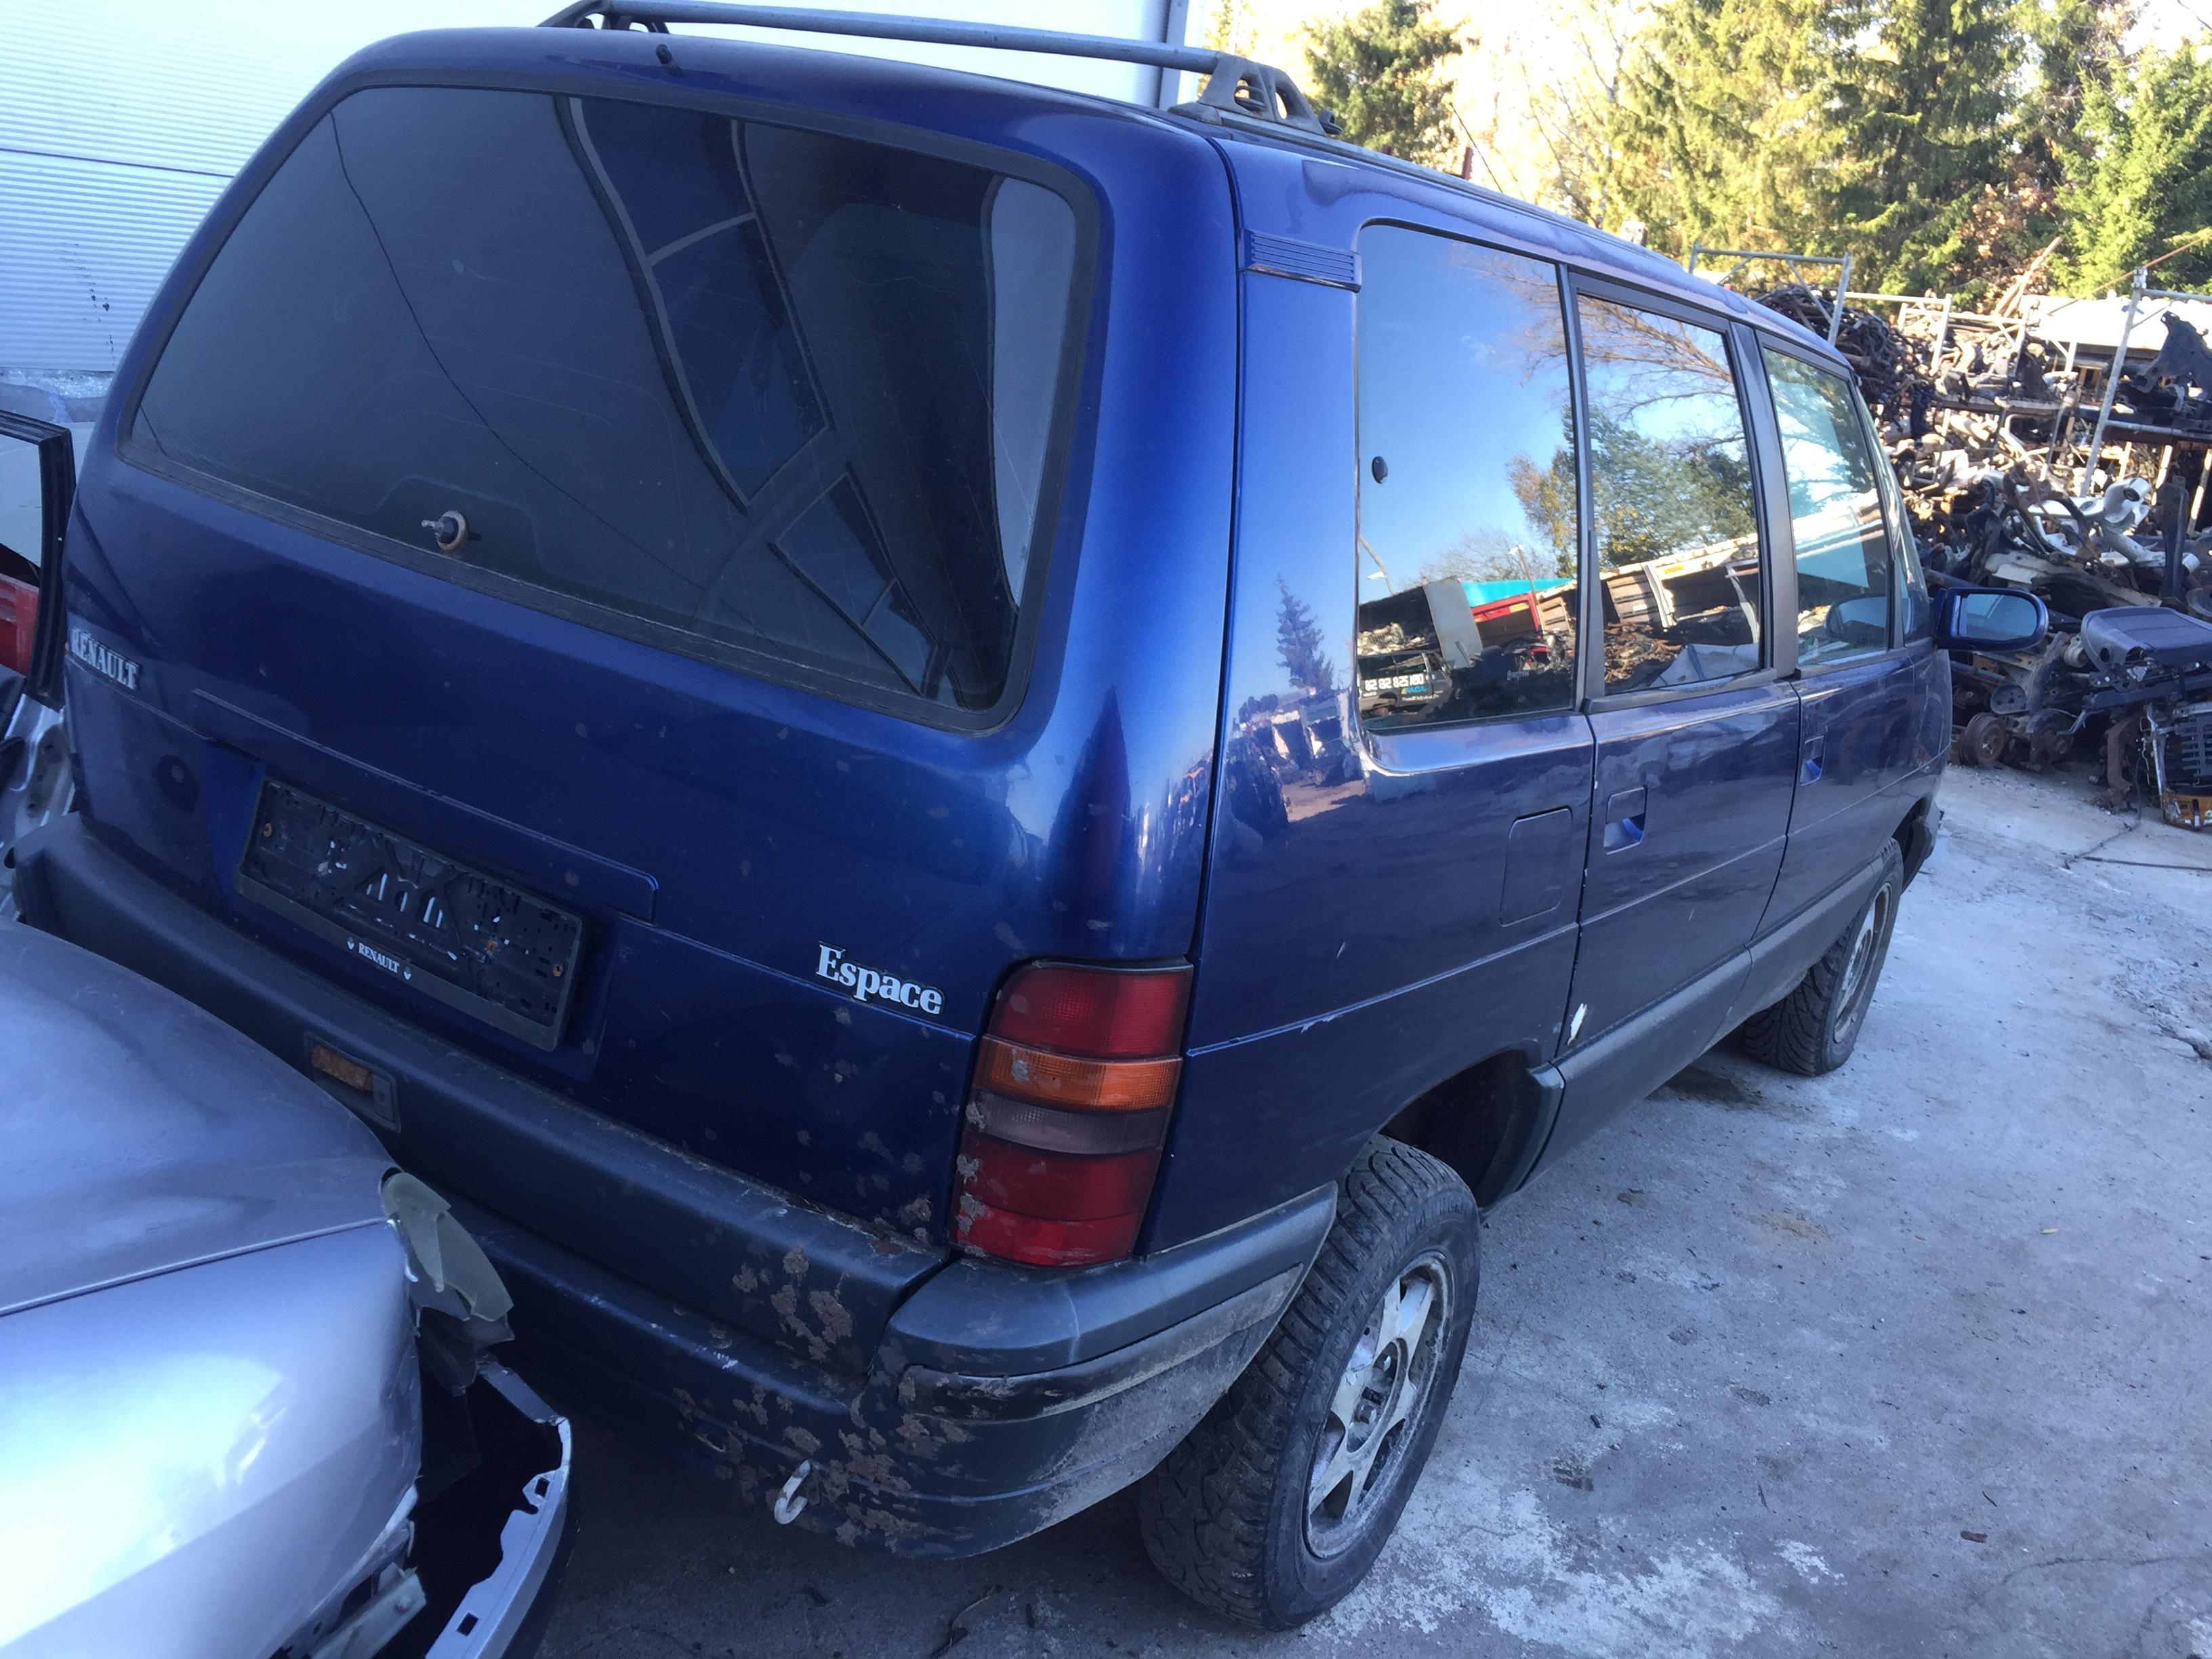 Подержанные Автозапчасти Renault ESPACE 1992 2.2 машиностроение минивэн 4/5 d. синий 2017-10-24